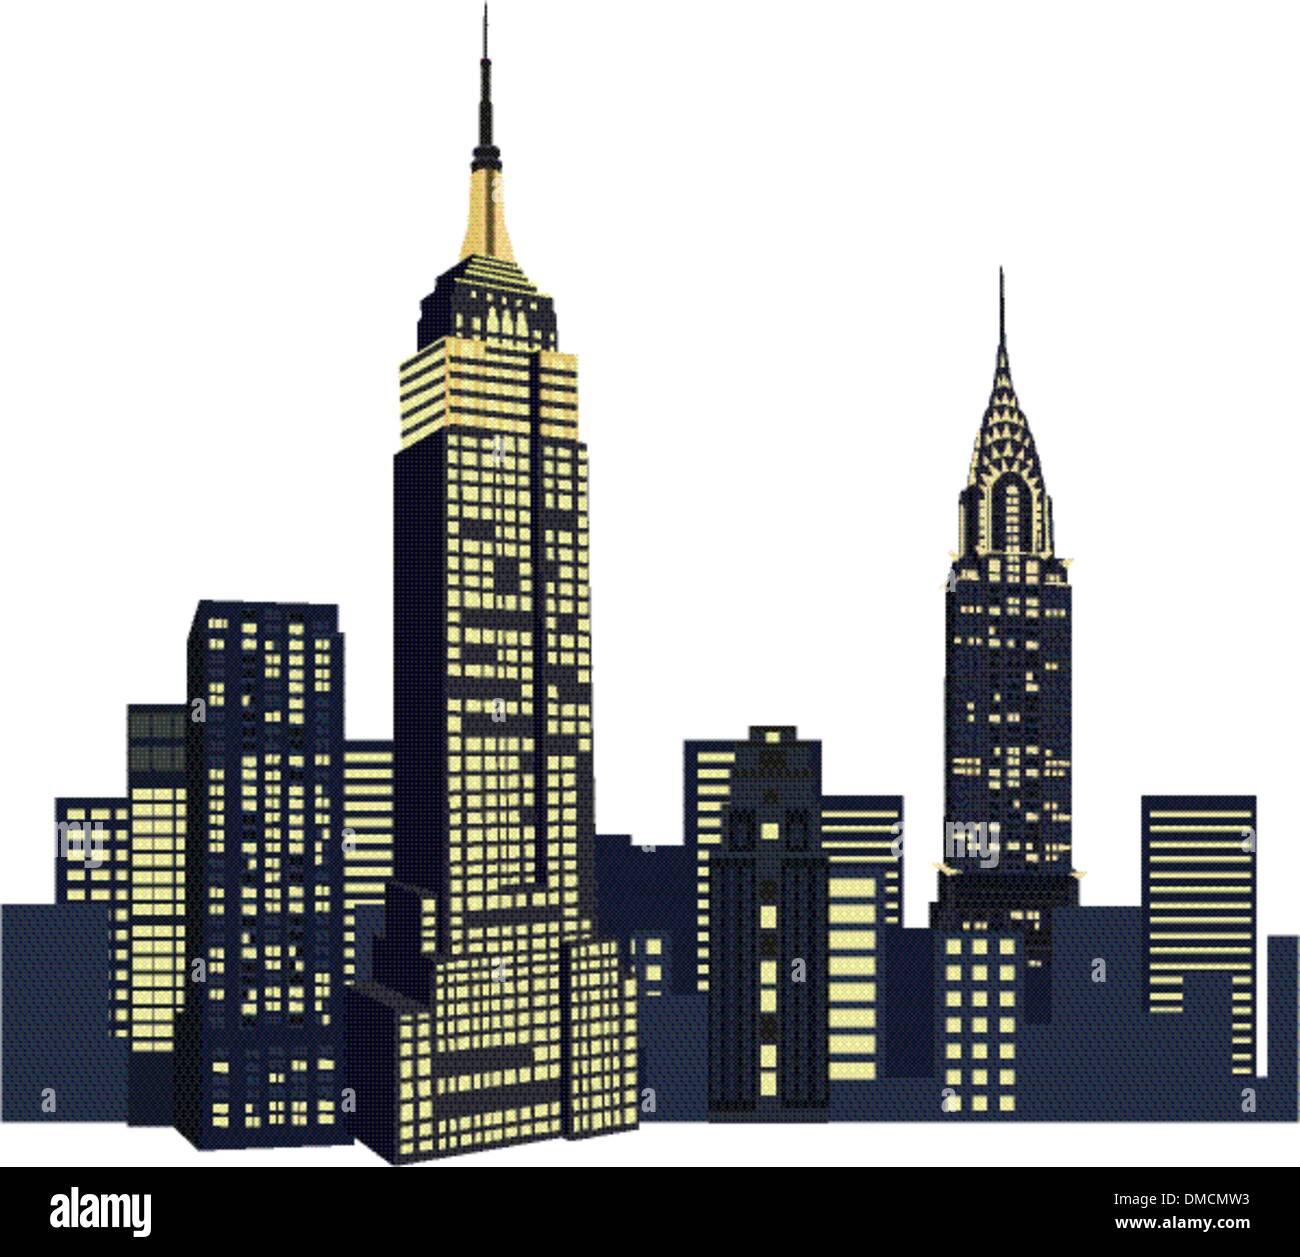 New York Skyscrapers - Stock Vector